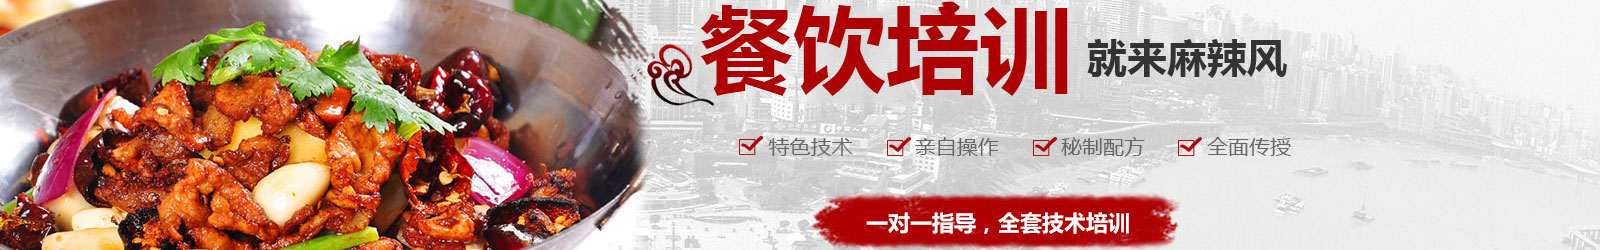 重庆烤鱼培训学校